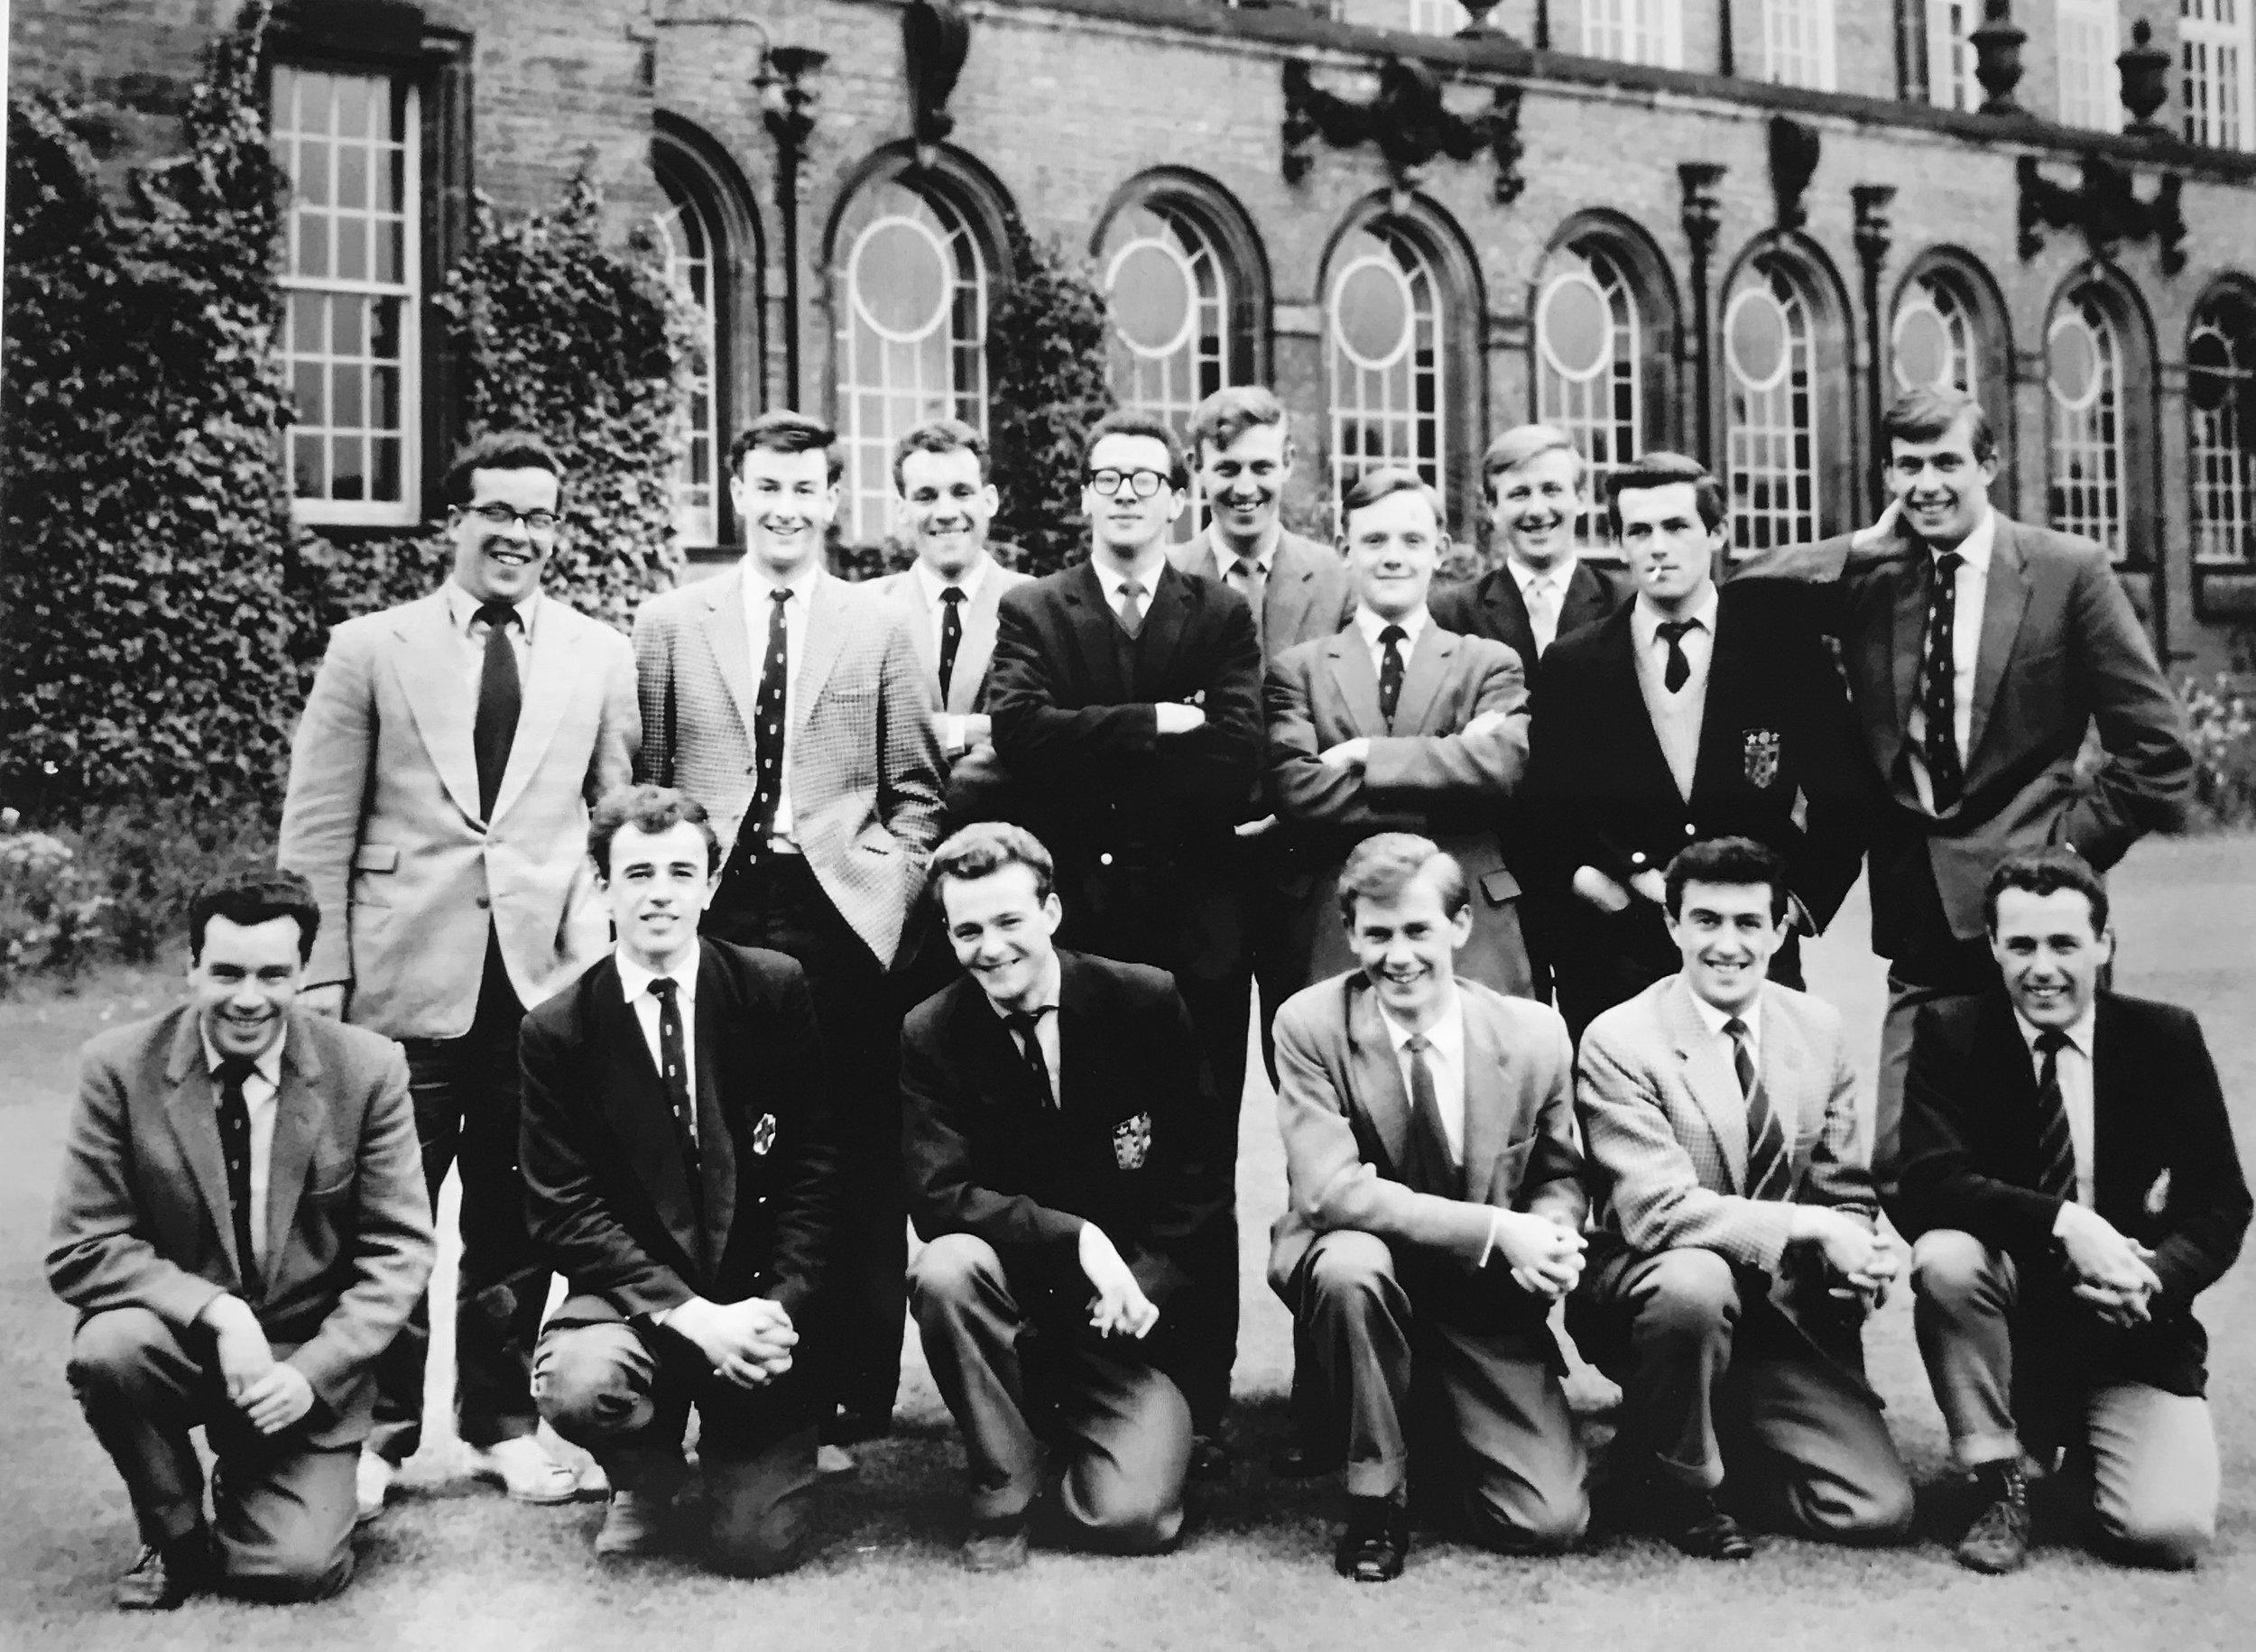 Fairfax students, 1961